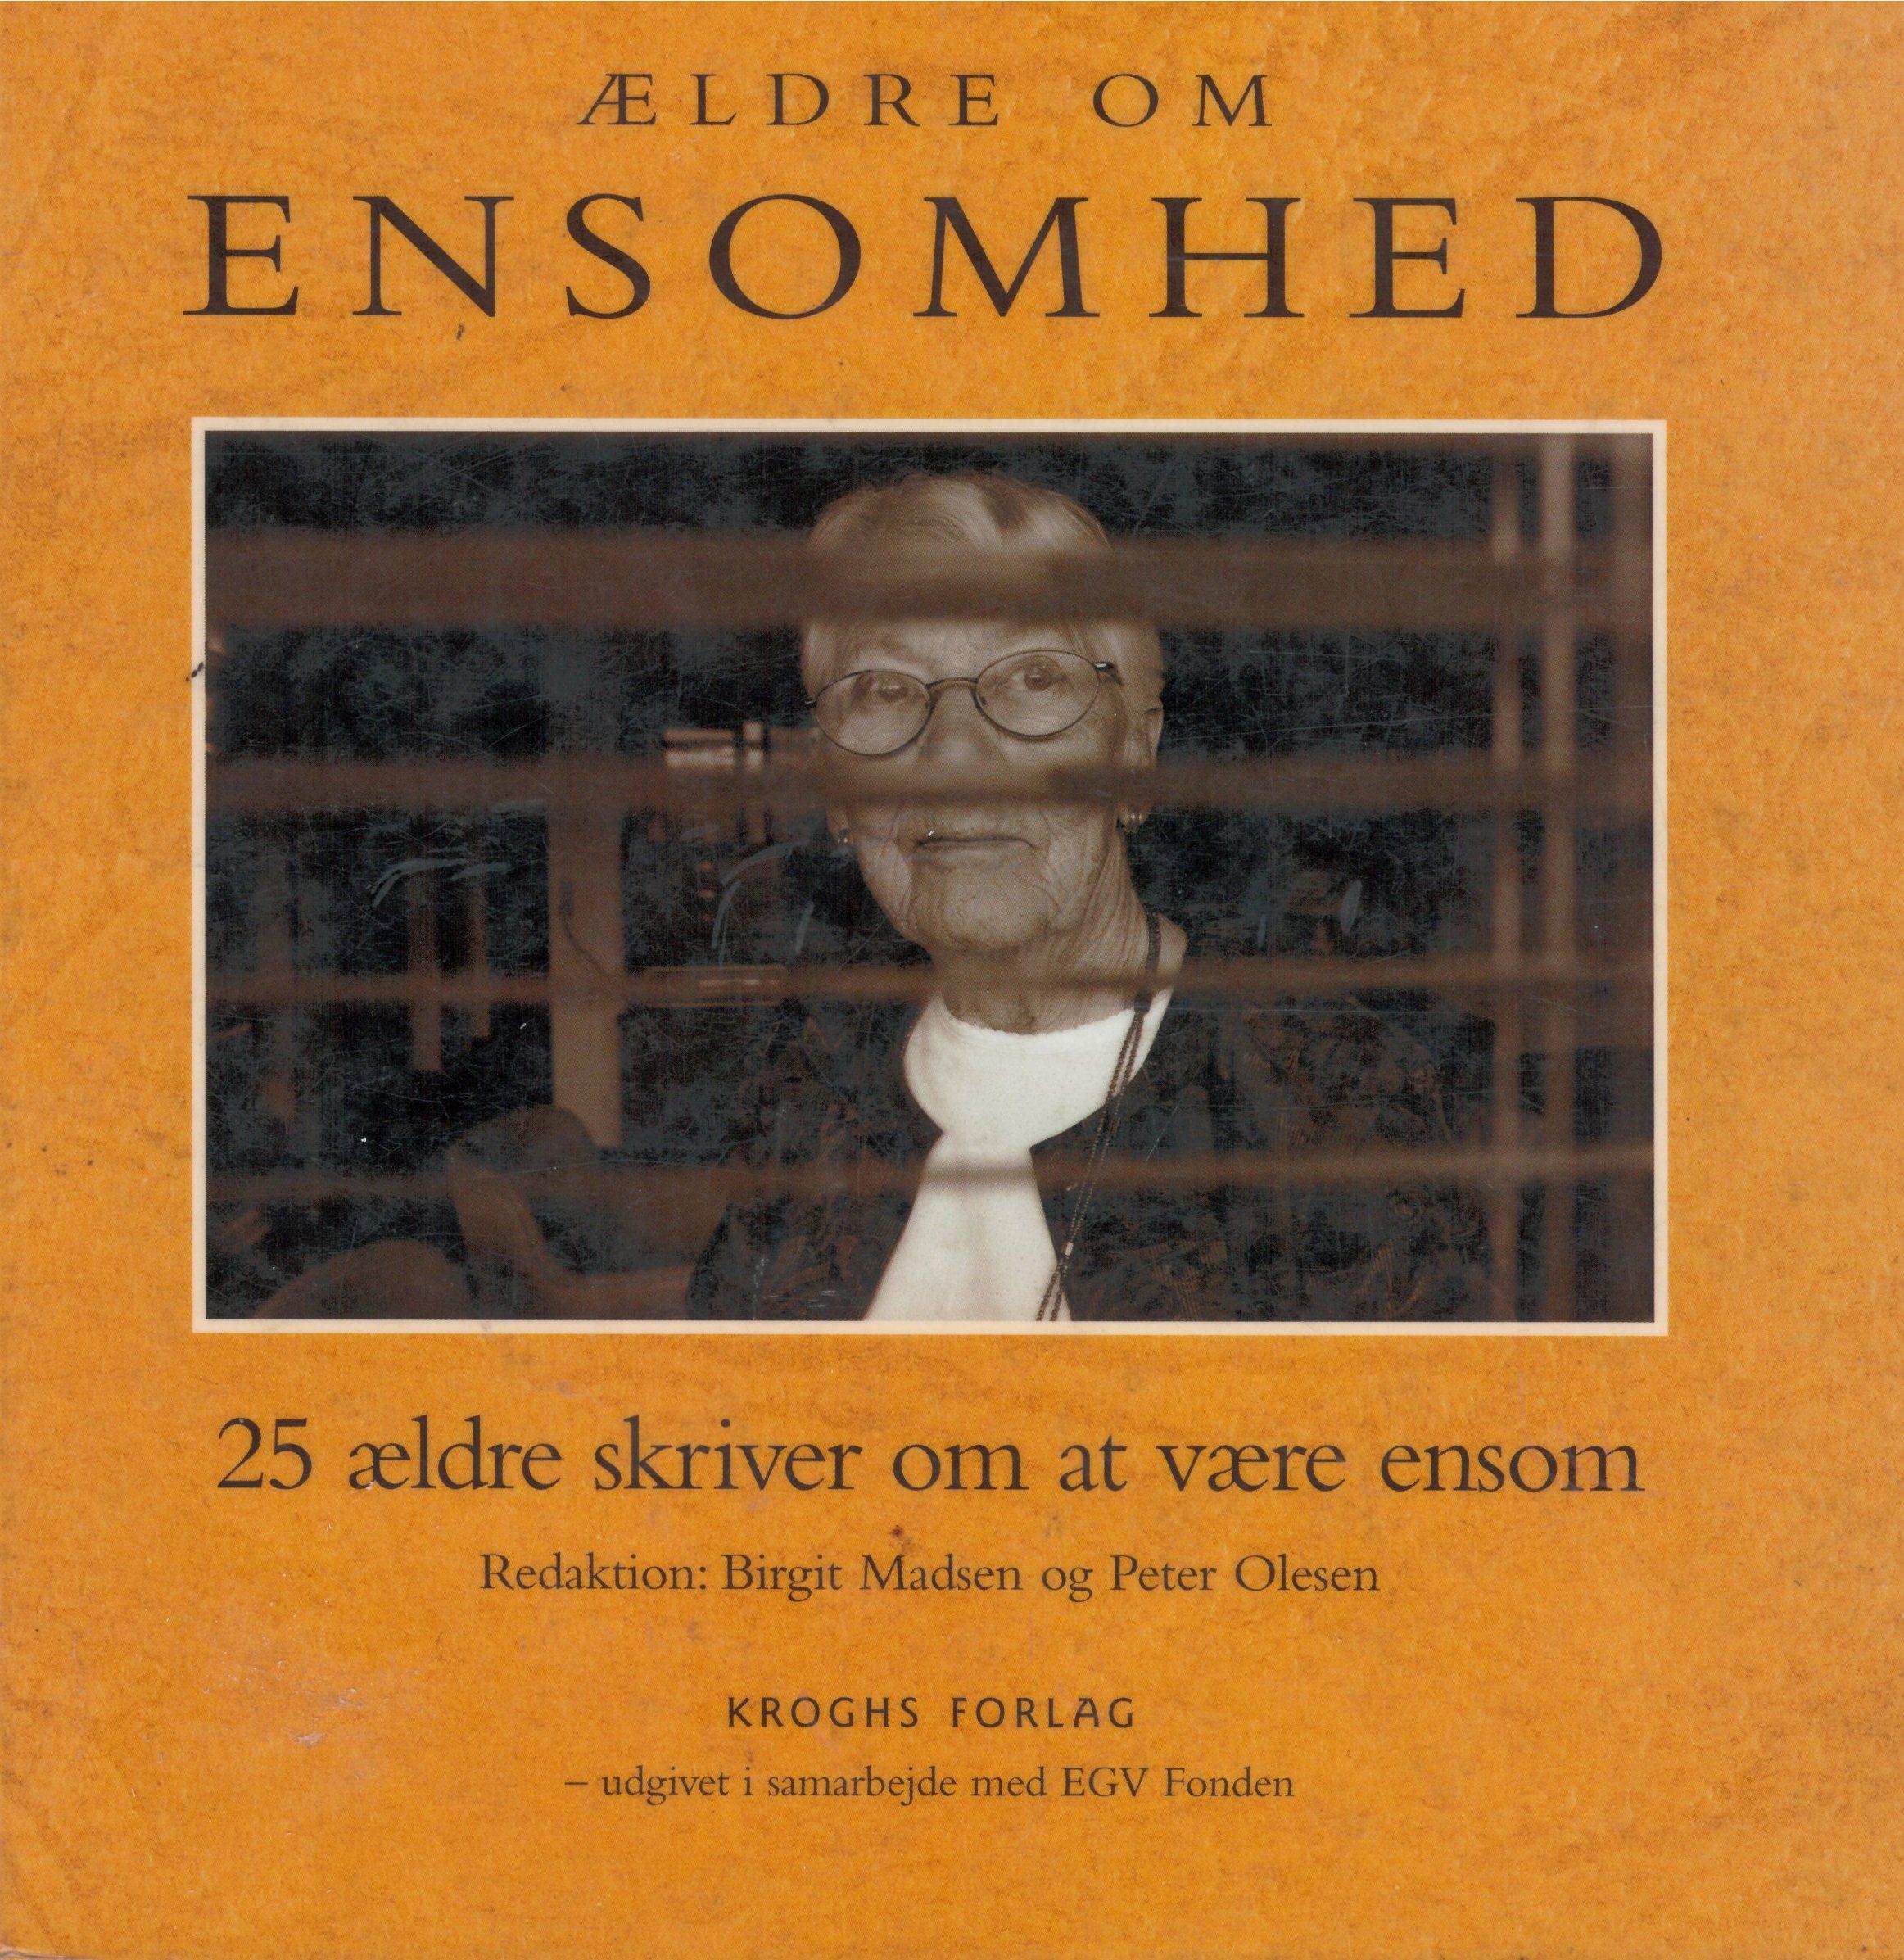 ældre om ensomhed - 25 ældre skriver om at være ensom - e-lydbog fra N/A på bog & mystik